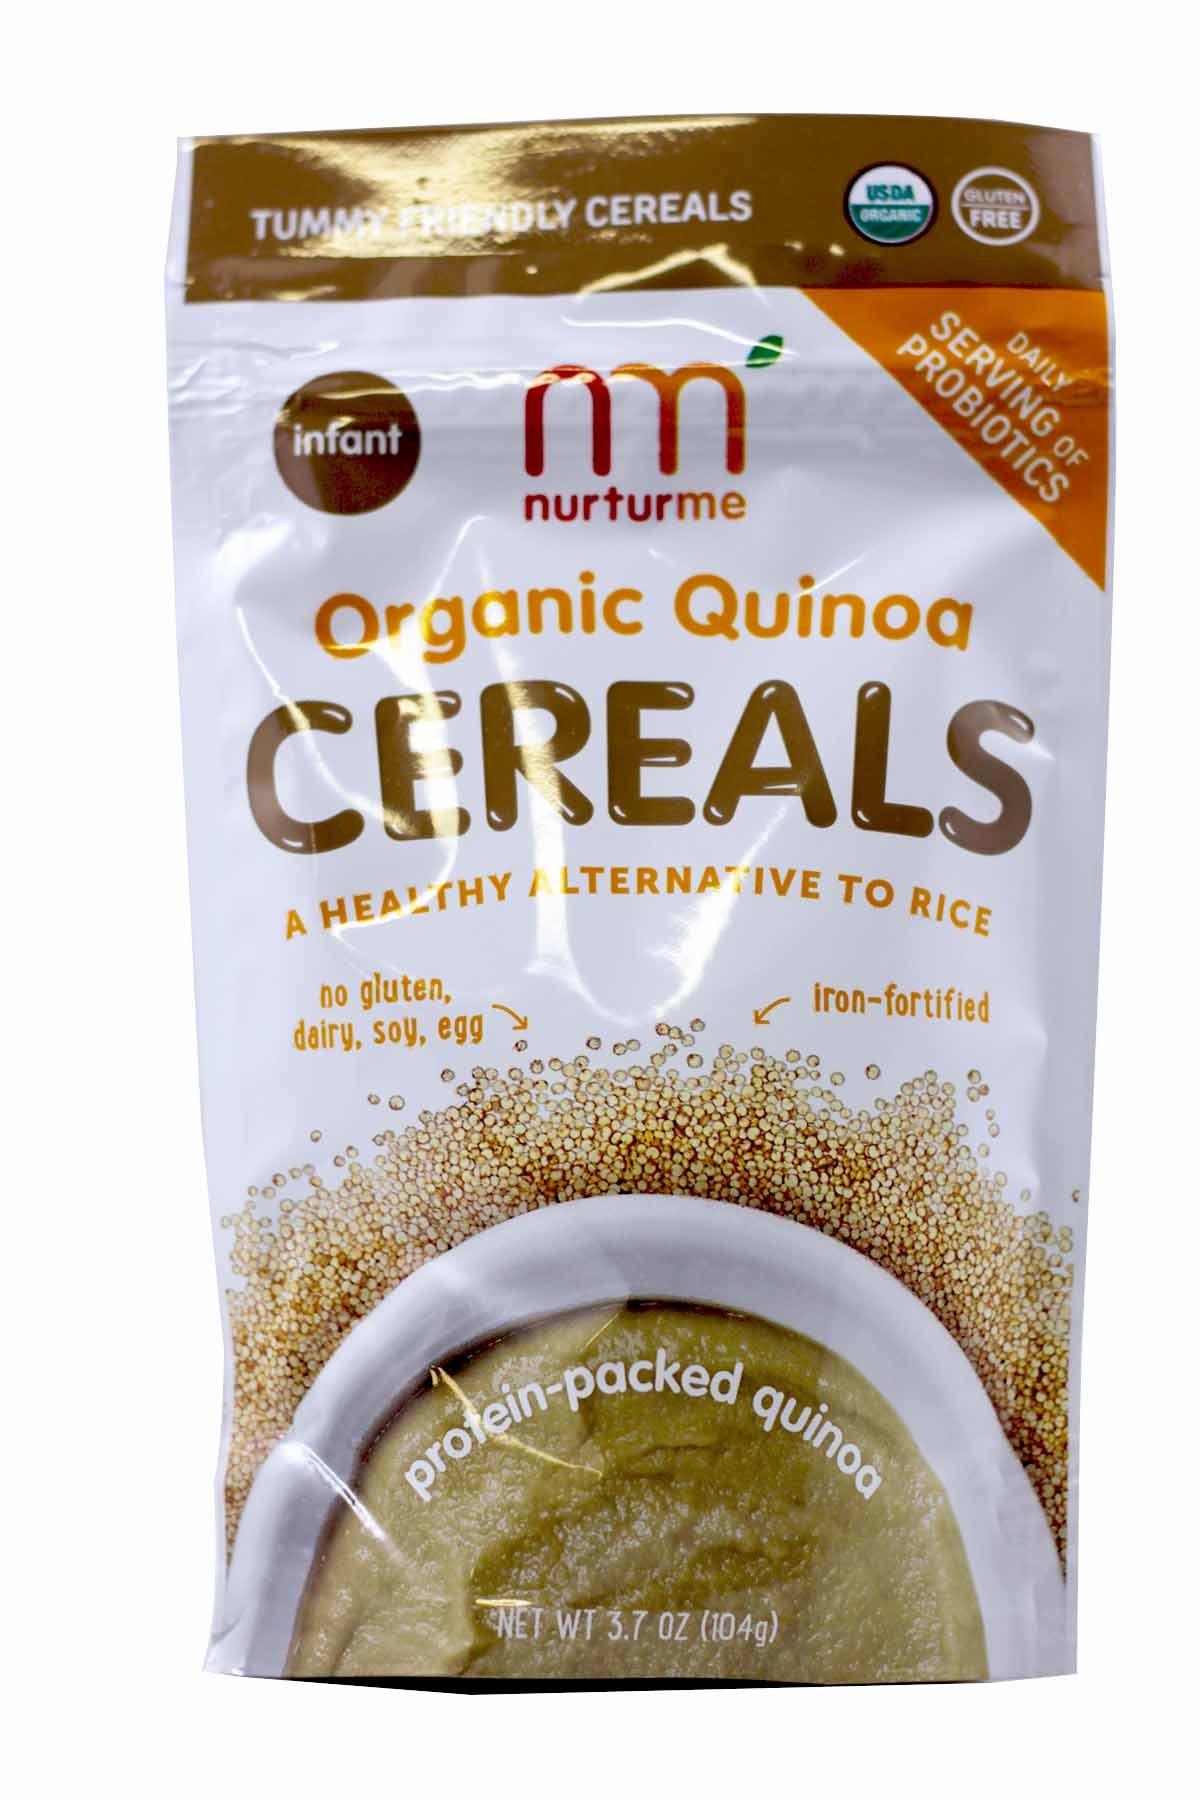 NurturMe Organic Baby Cereal - Quinoa - 3.7 oz - 6 pk by NurturMe (Image #1)